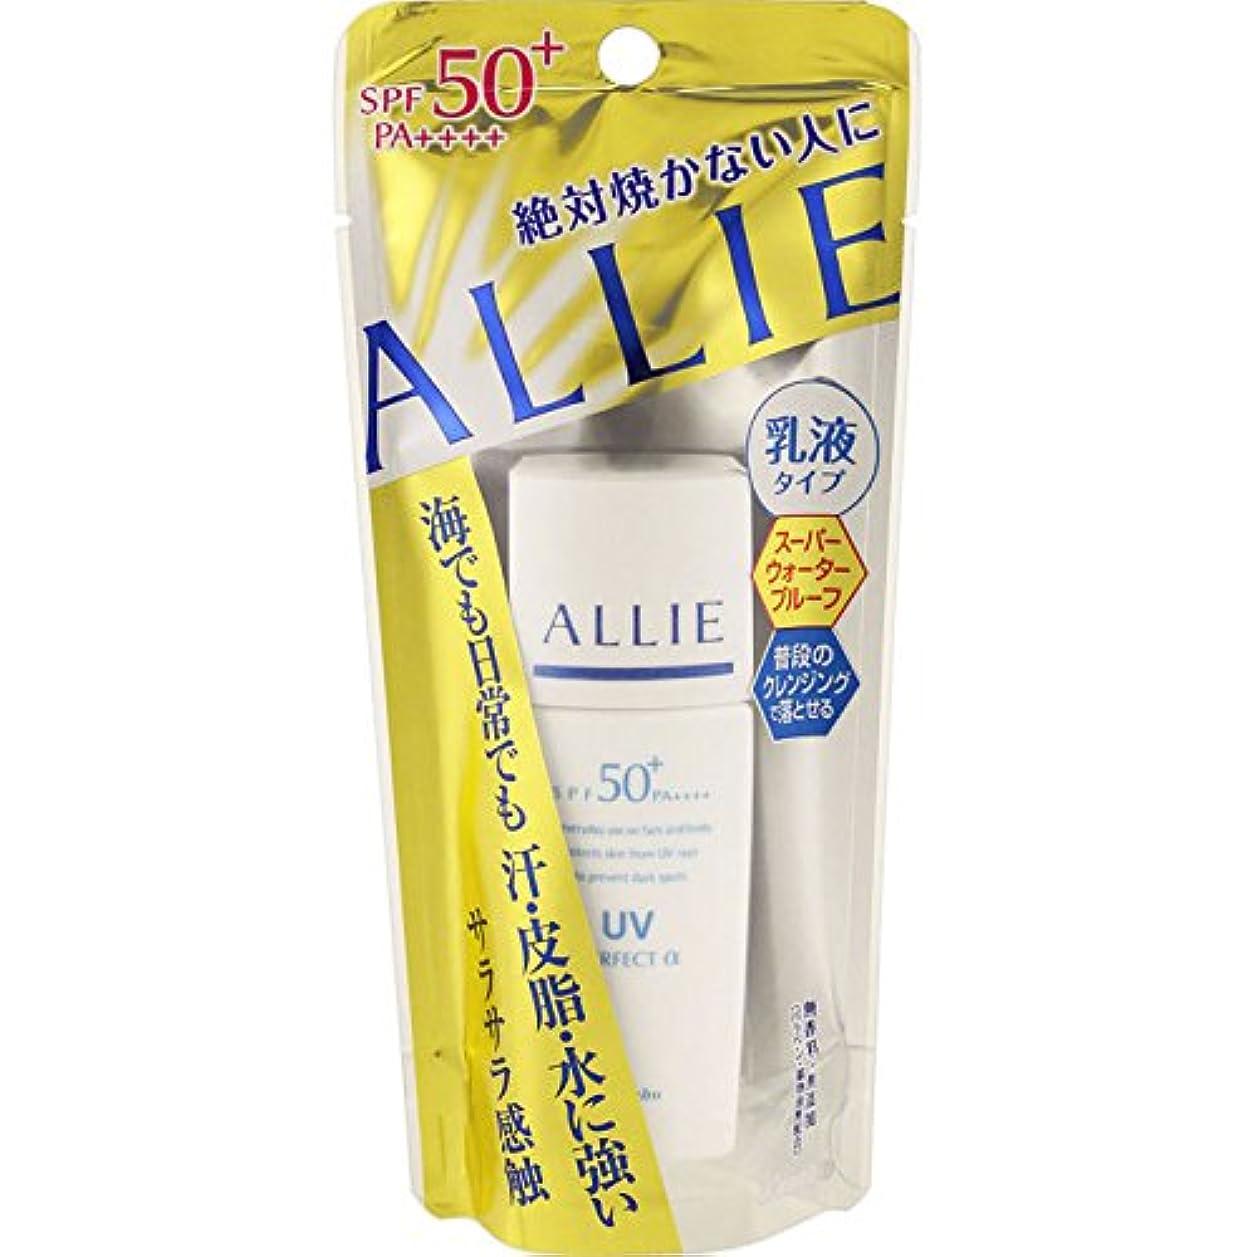 文法汚れたスクリュー【カネボウ】 ALLIE(アリィー) エクストラUVプロテクター(パーフェクトアルファ)S 25mlミニ (SPF50+/PA+++)